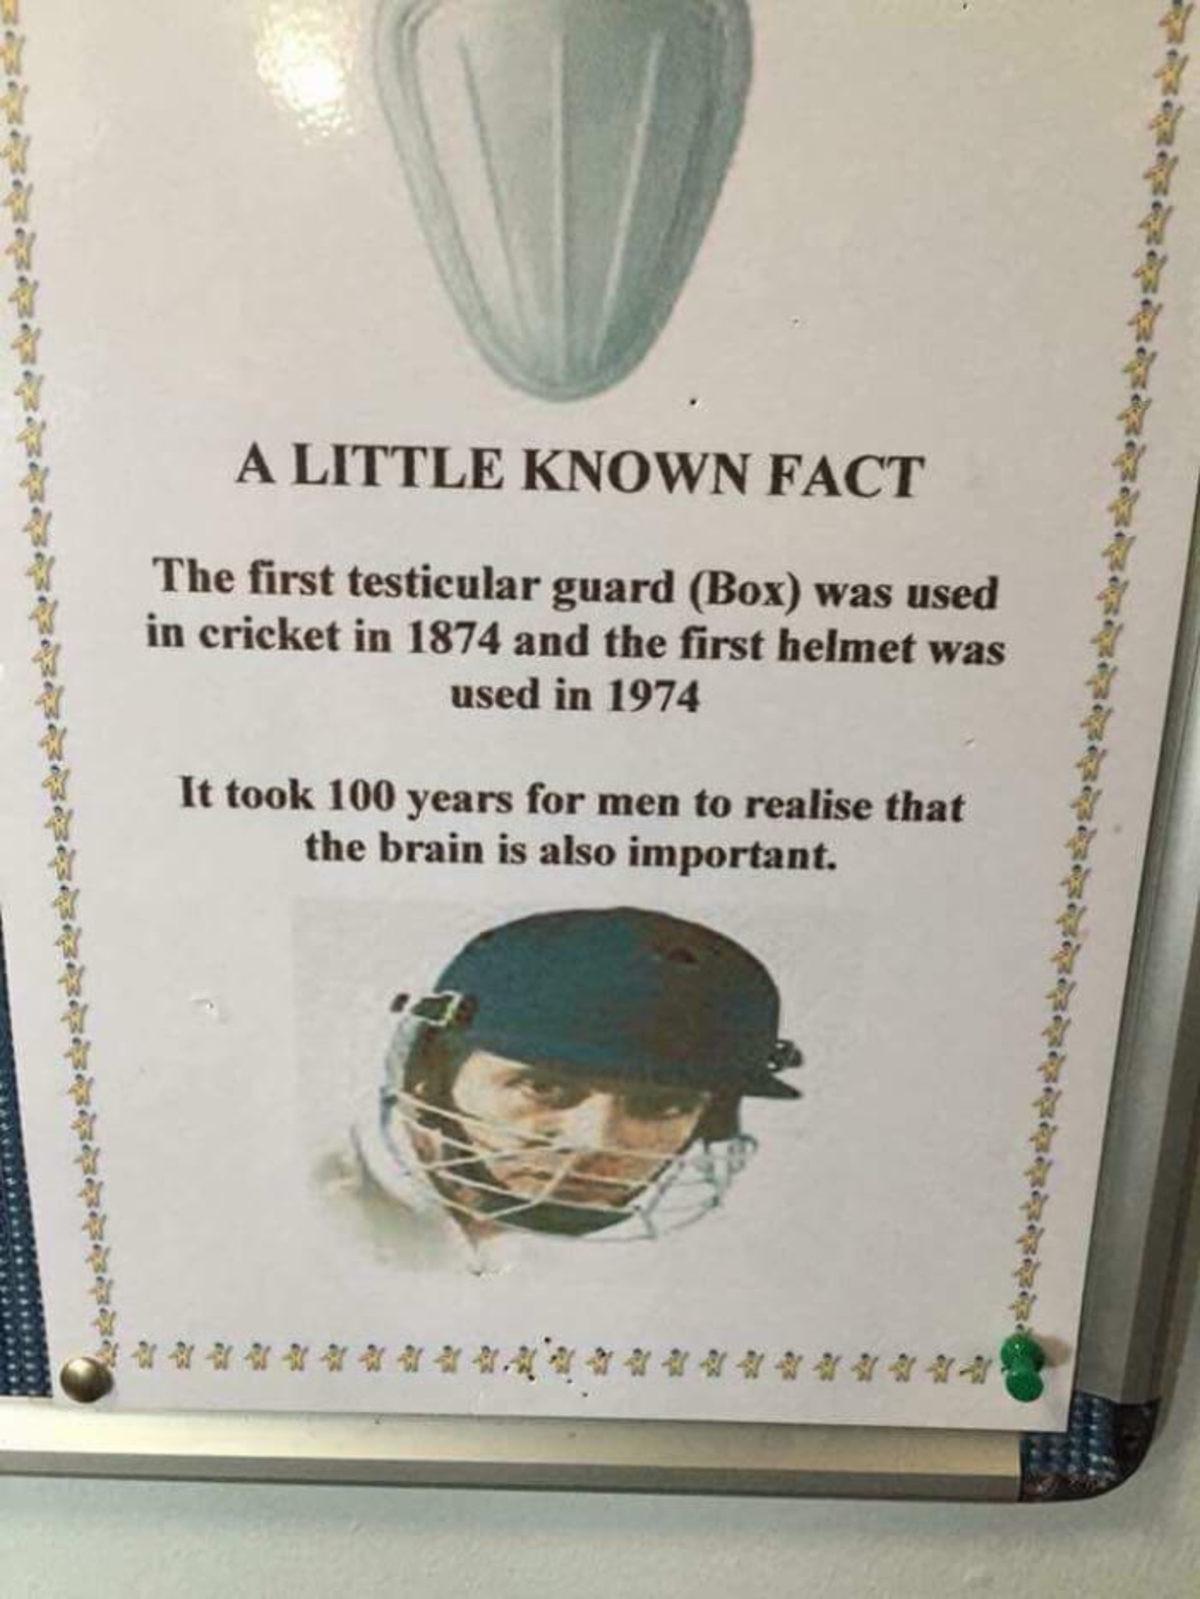 Testicle fact. .. They had leather helmets waaaaaaay before that balls to the wal